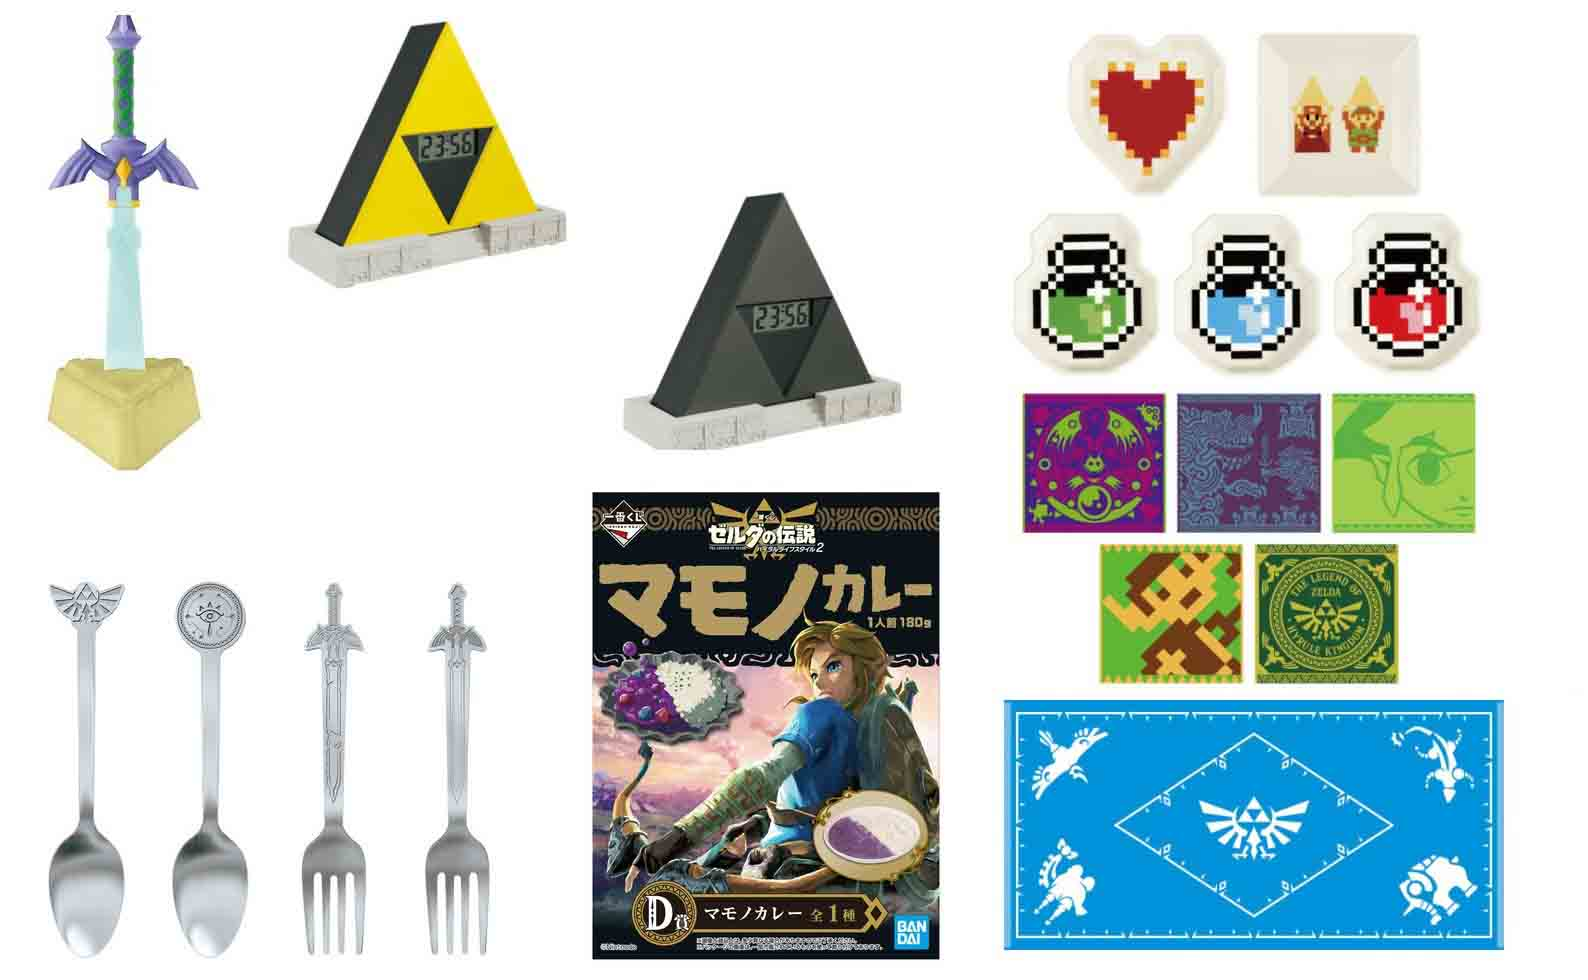 Nuevos artículos de The Legend of Zelda de Bandai